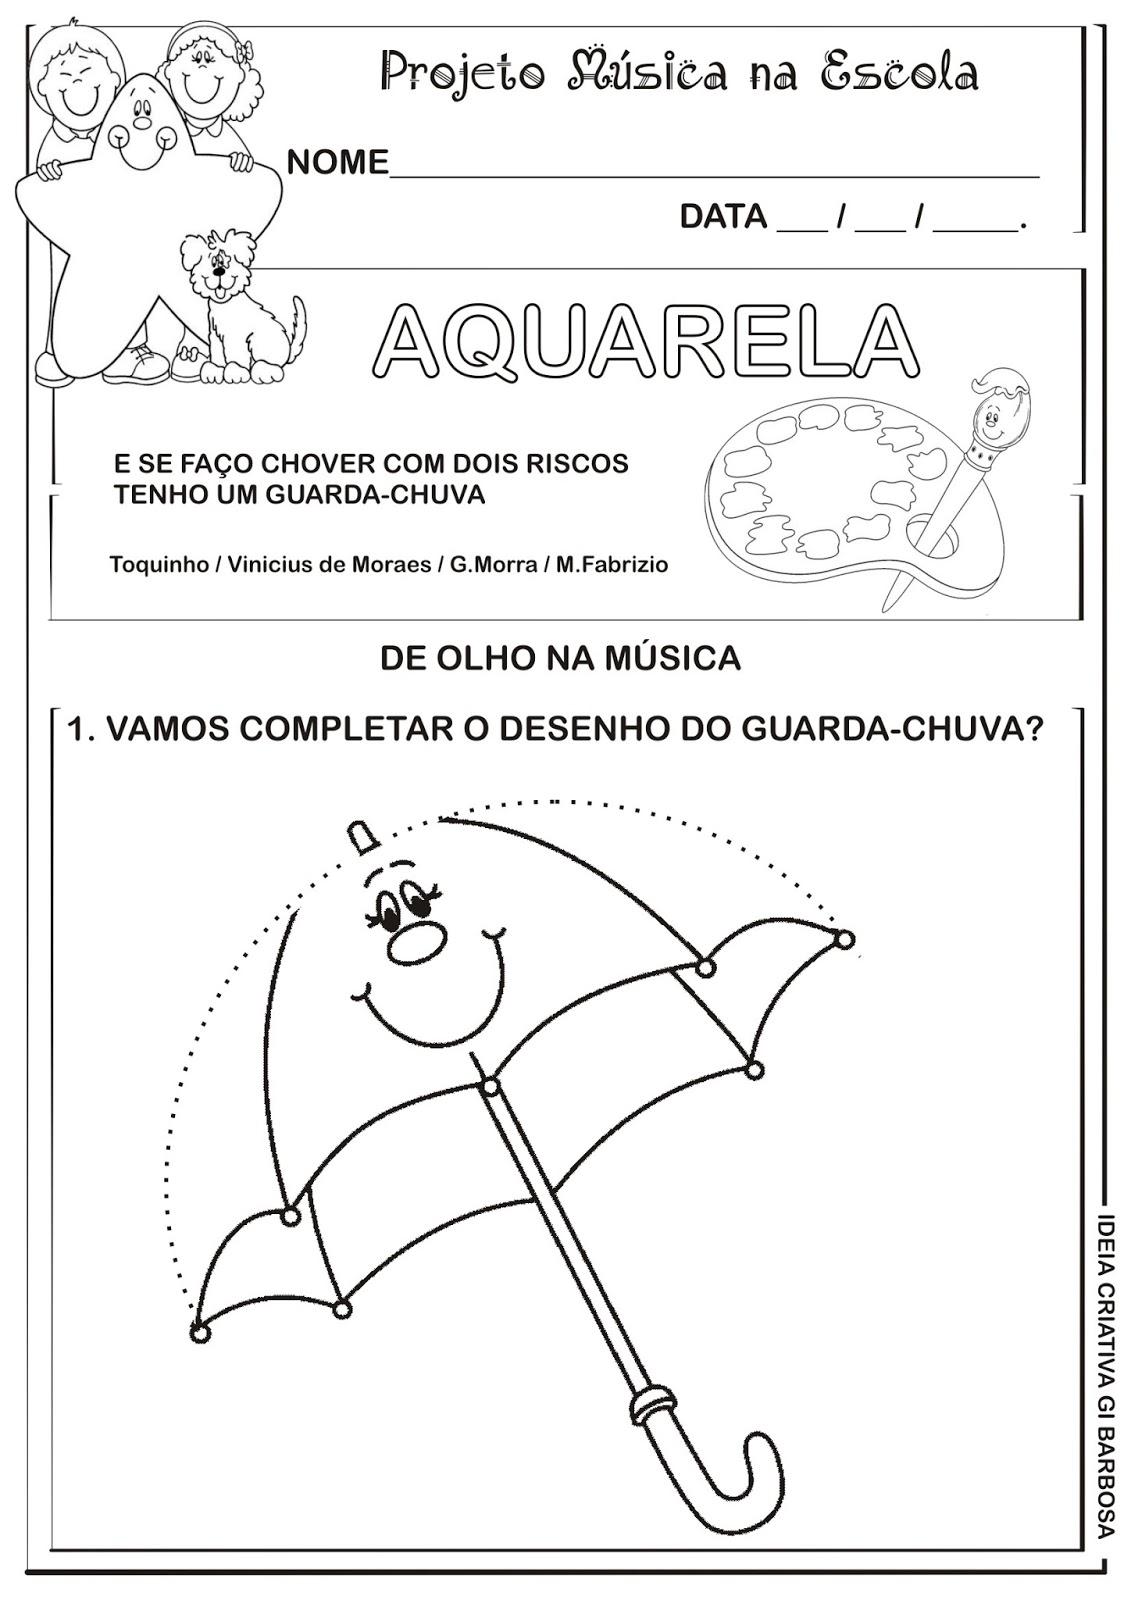 Conhecido Atividade Projeto Música na Escola Aquarela | Ideia Criativa - Gi  VN73